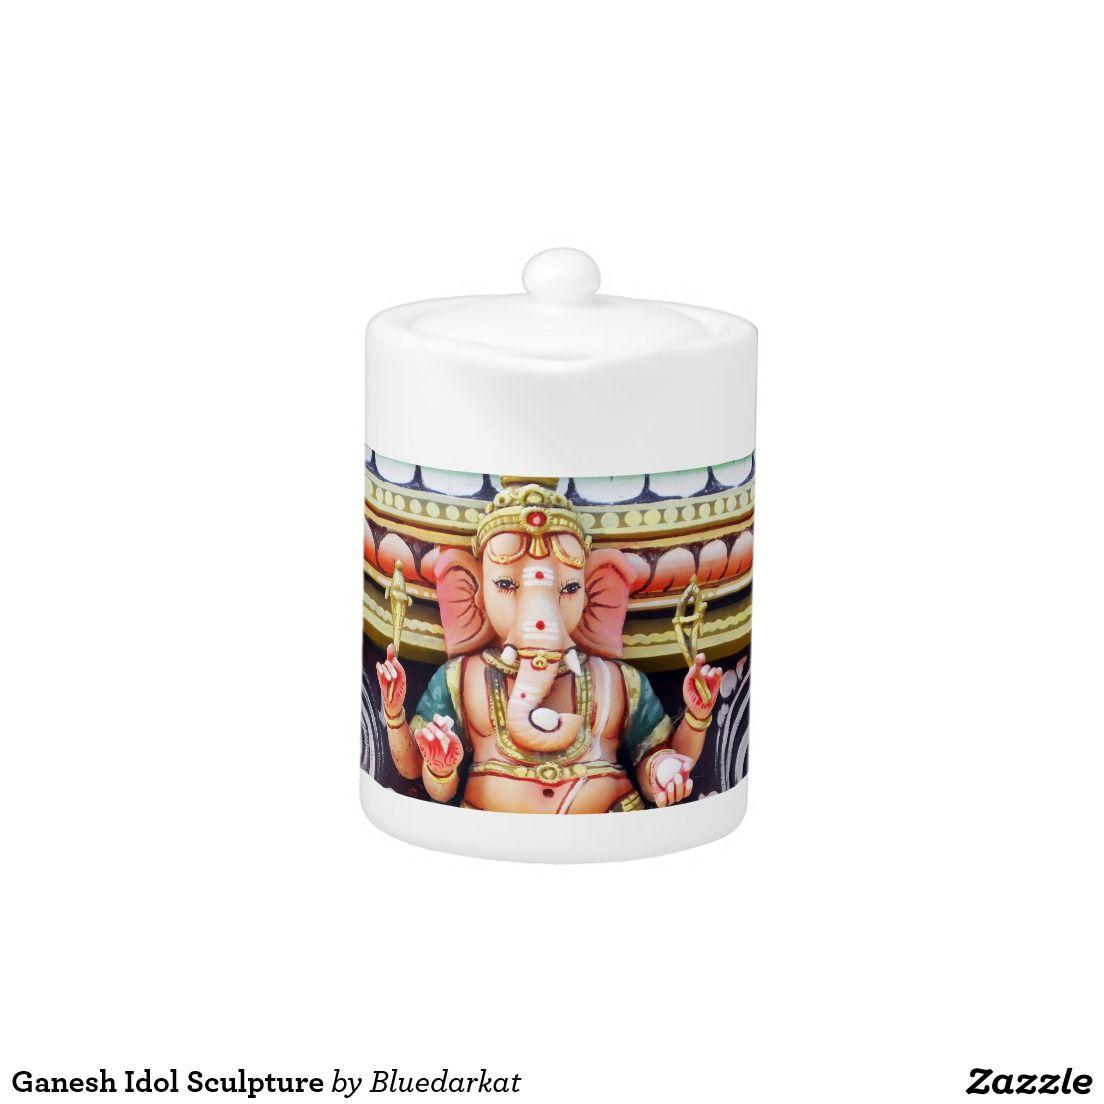 Ganesh Idol Sculpture Teapot